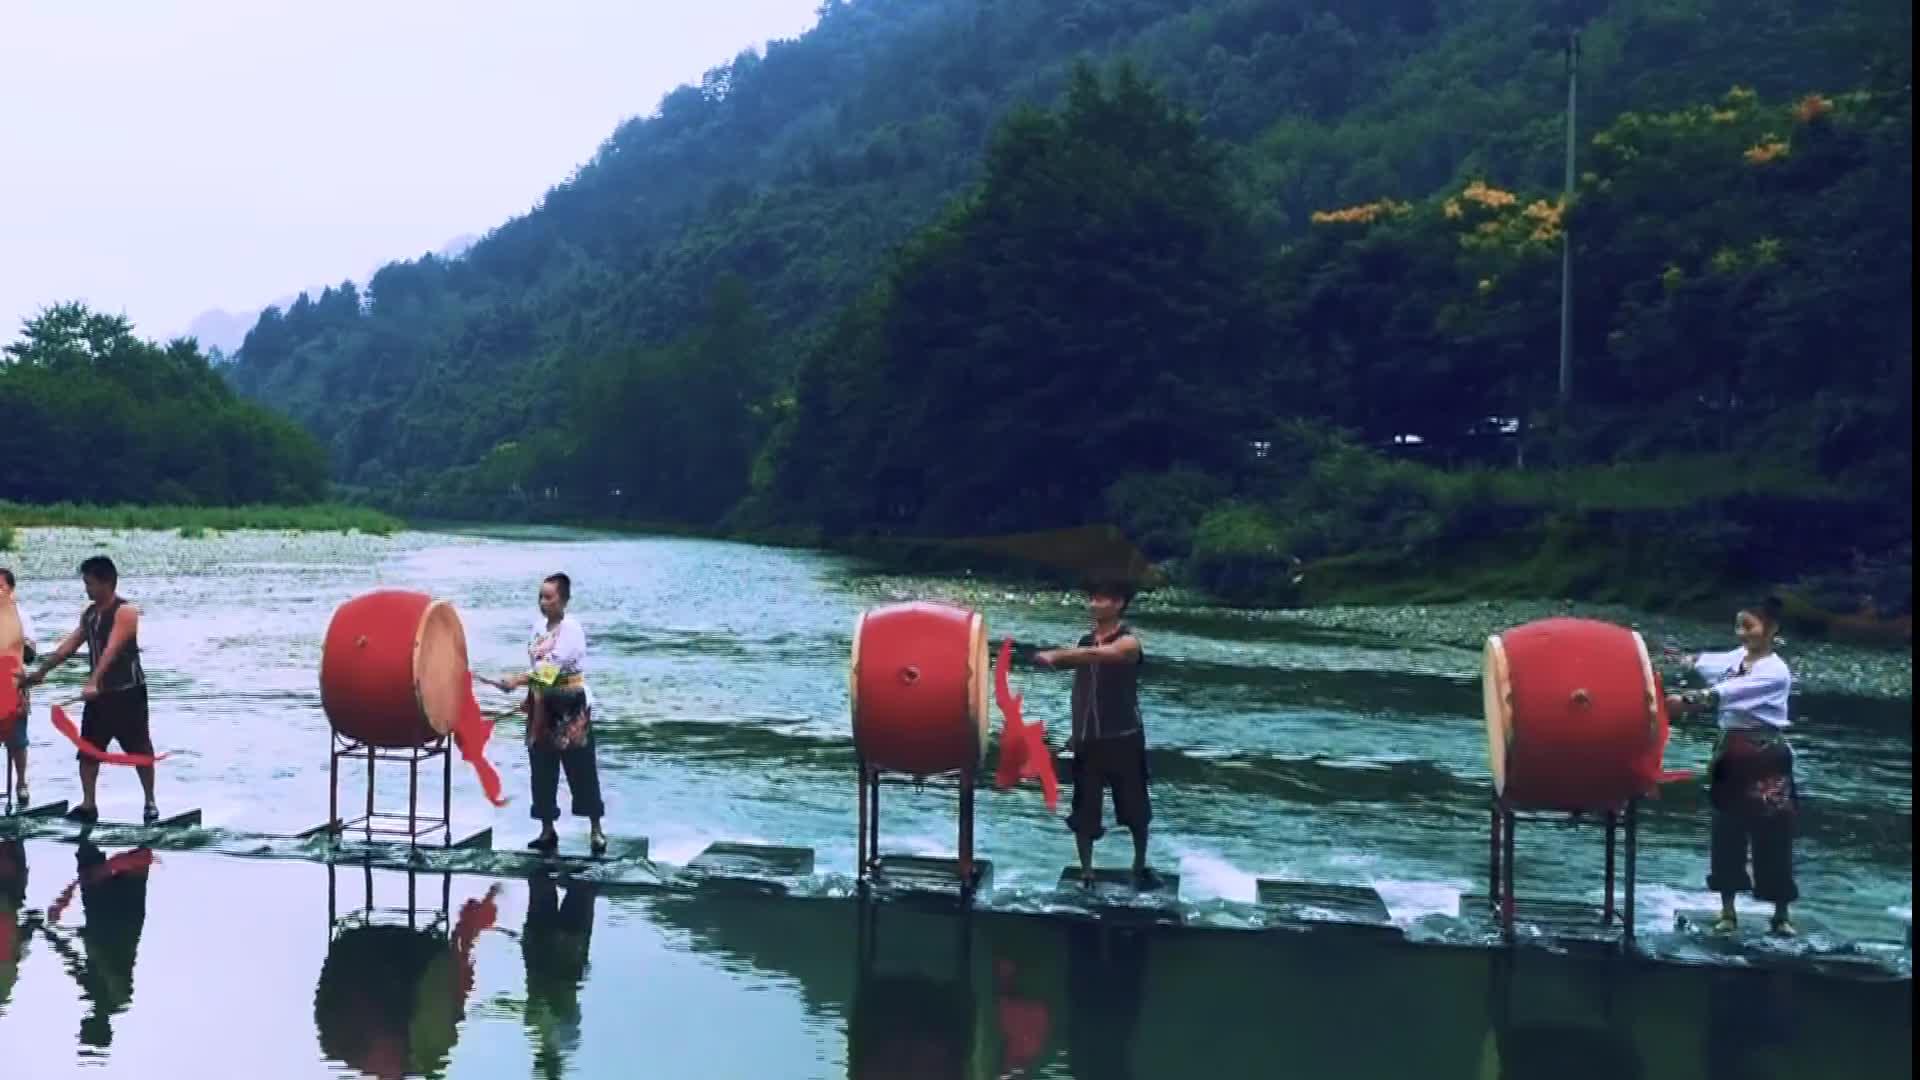 2018吉首鼓文化节将于11月22日在乾州古城举行